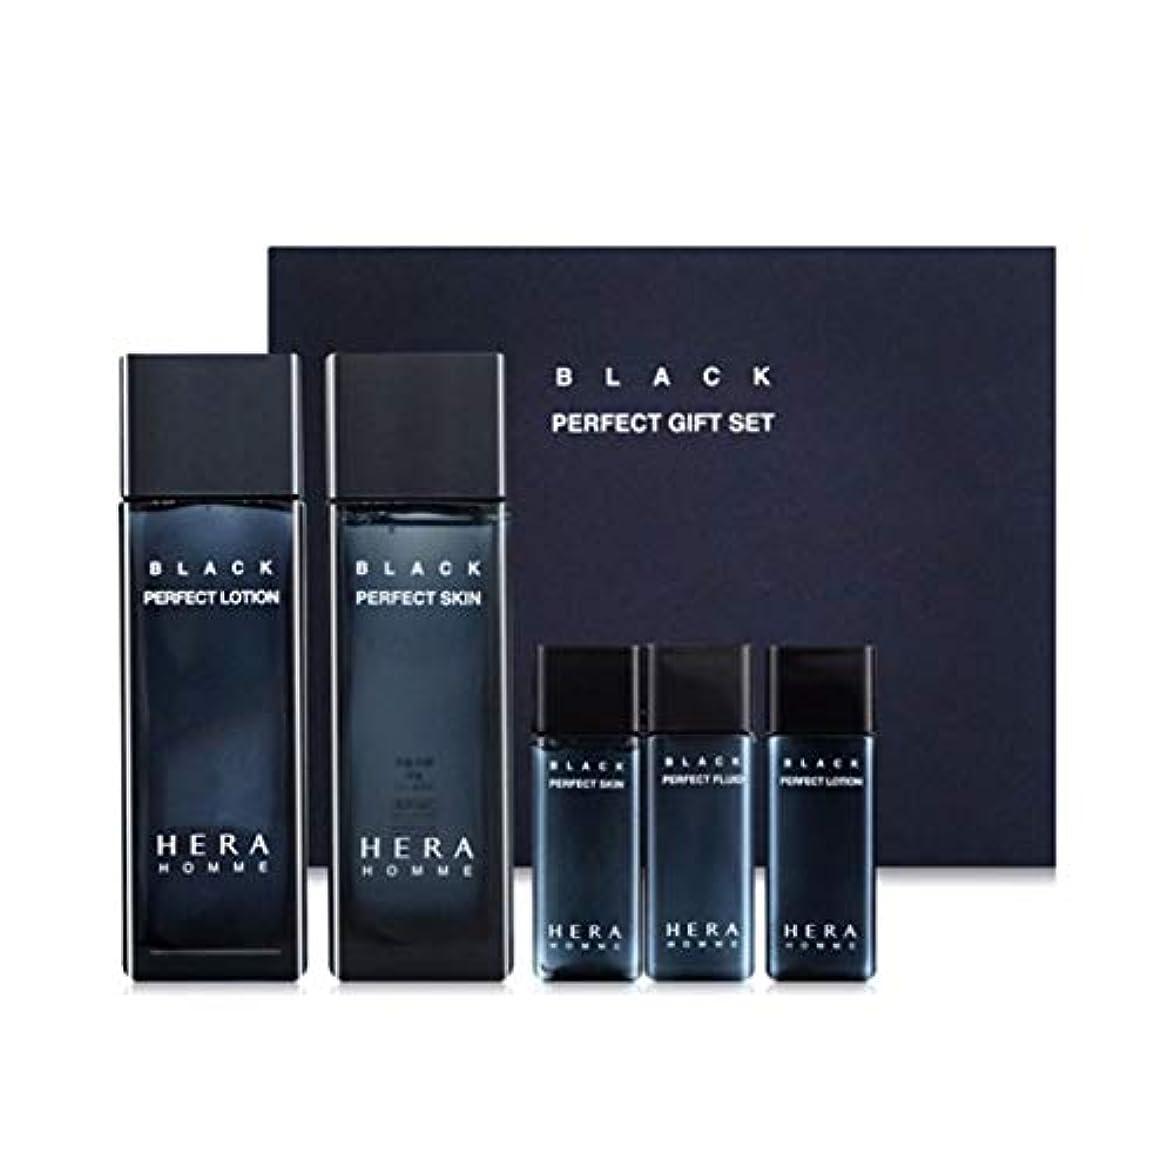 傀儡トロピカル曖昧なヘラオムブラックパーフェクトスキンローションセットメンズコスメ韓国コスメ、Hera Homme Black Perfect Skin Lotion Set Men's Cosmetics Korean Cosmetics...